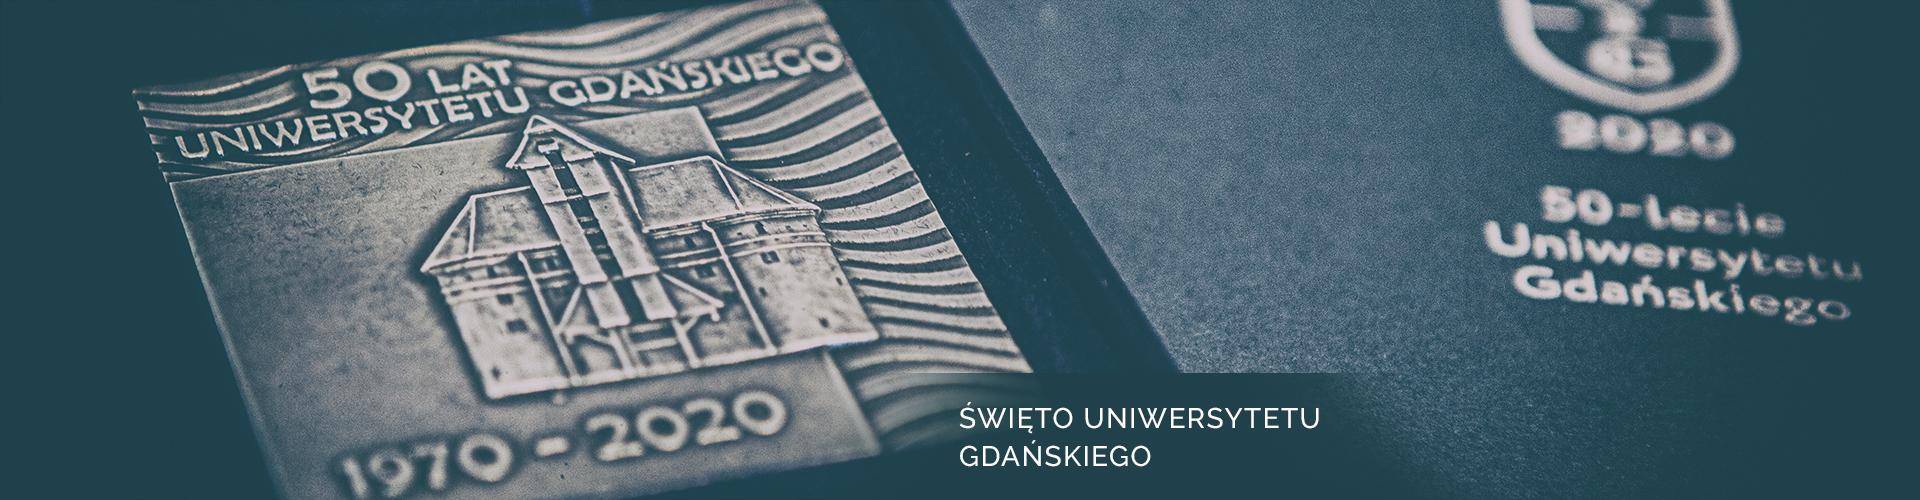 Święto Uniwerystetu Gdańskiego